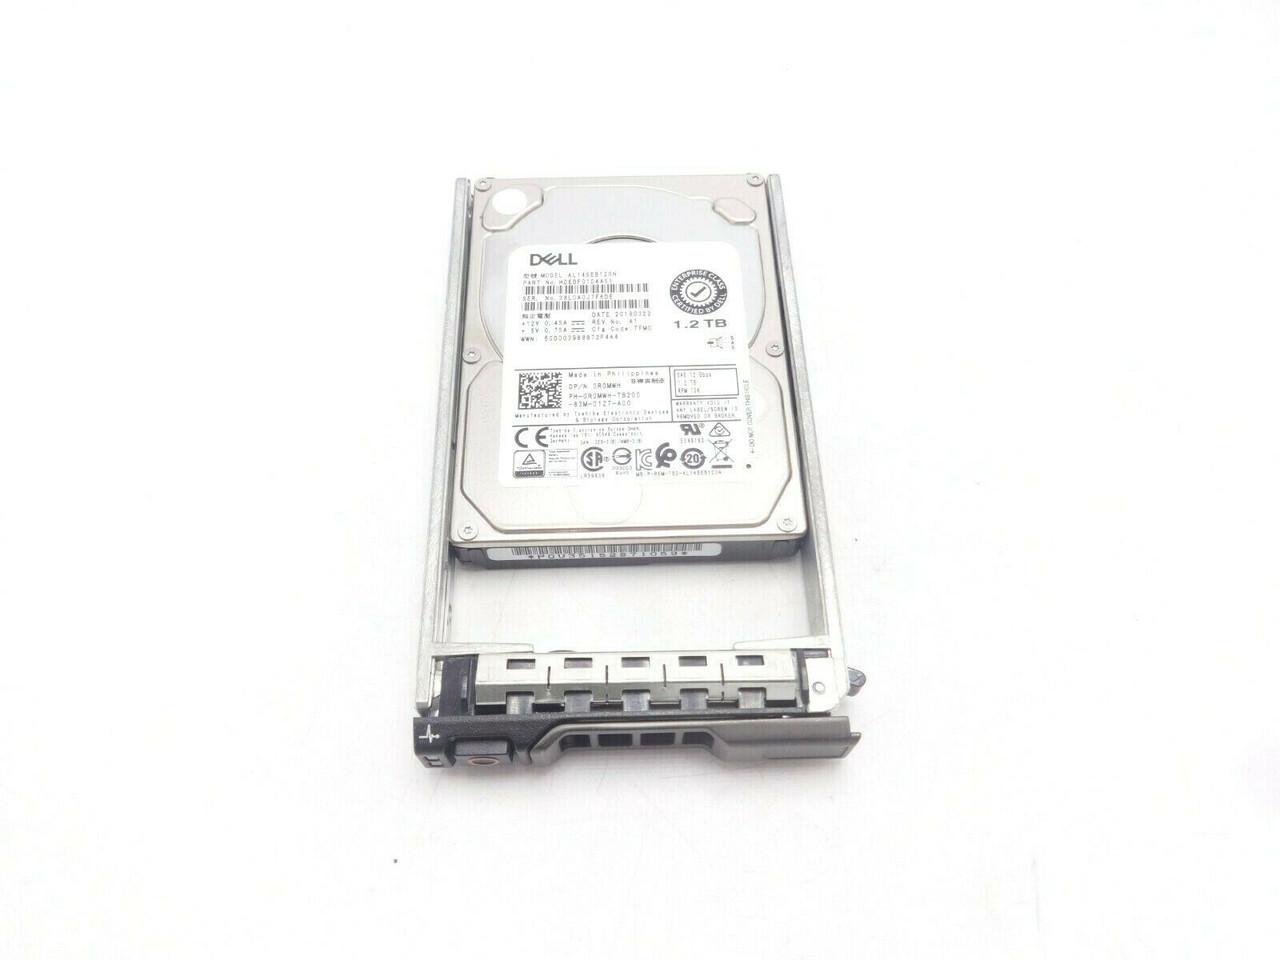 Dell R0MWH 1.2TB SAS 10K 2.5 512n 12GBPS HDD